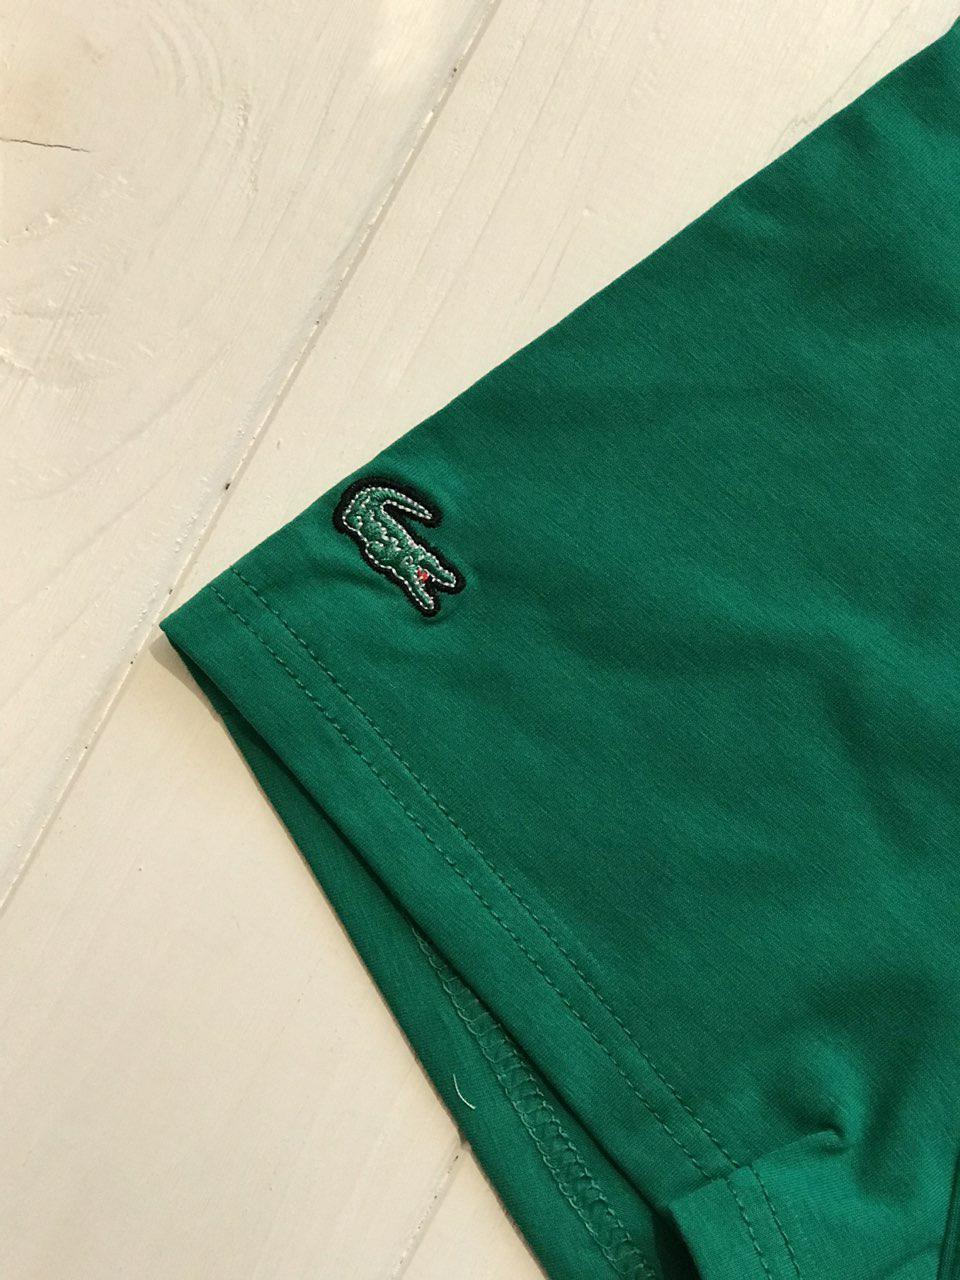 b7dfa4489538068 ... фото Подарочный набор мужского нижнего белья Lacoste Лакост трусы  мужские боксеры шорты 3 шт реплика, ...